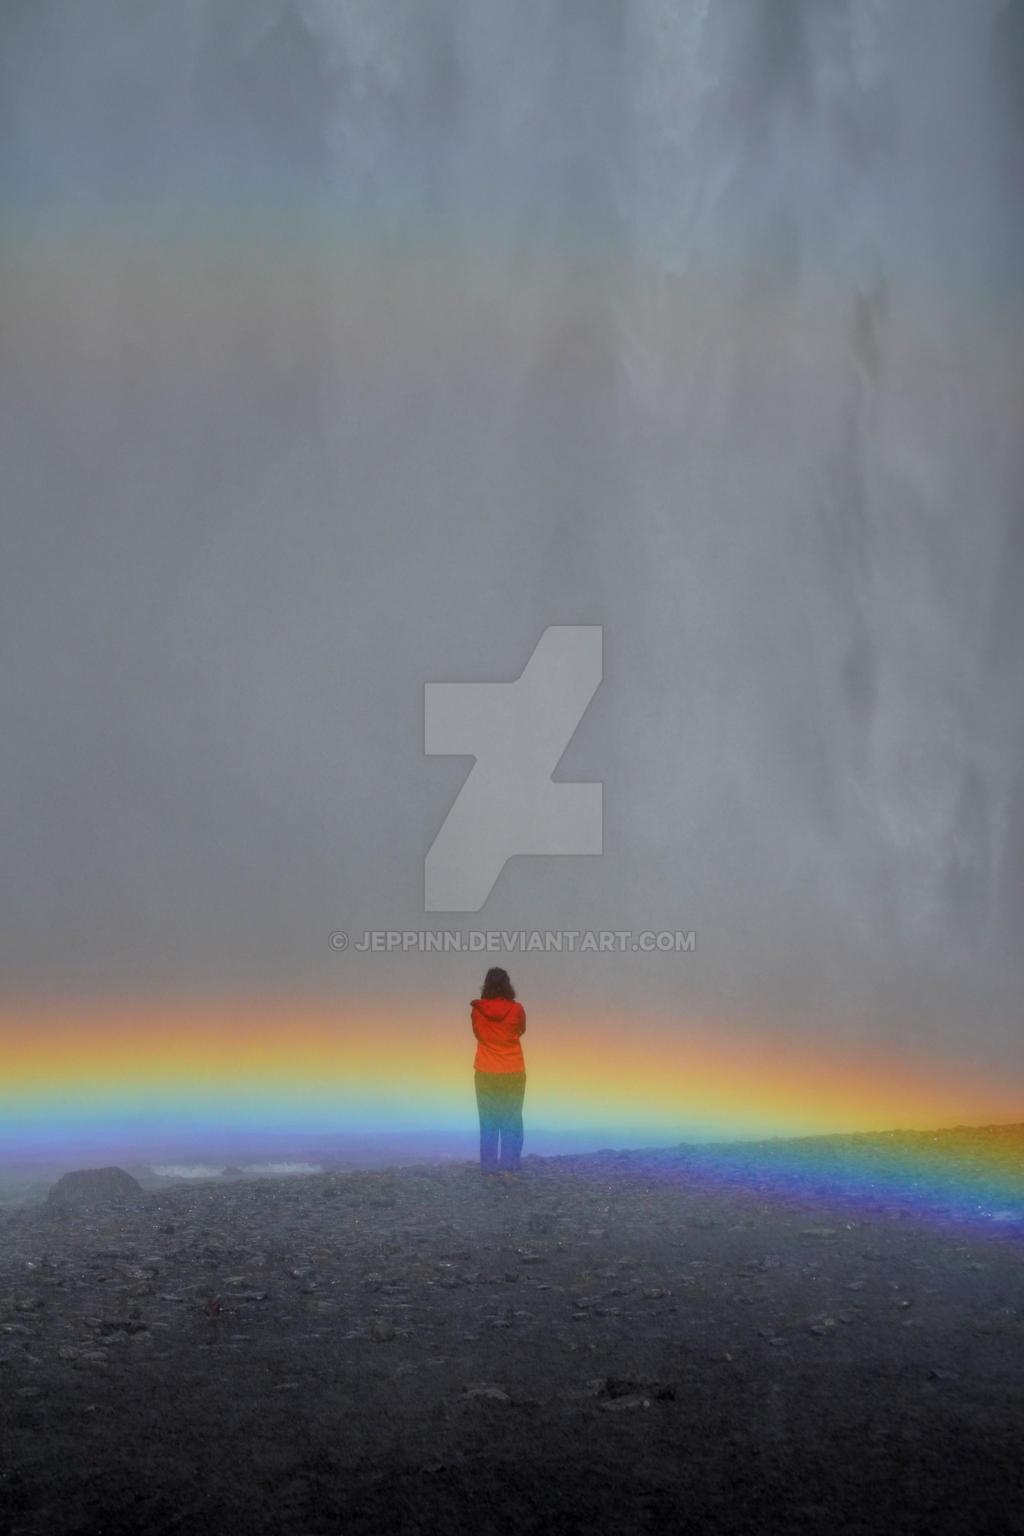 Somwhere ower the rainbow by jeppinn